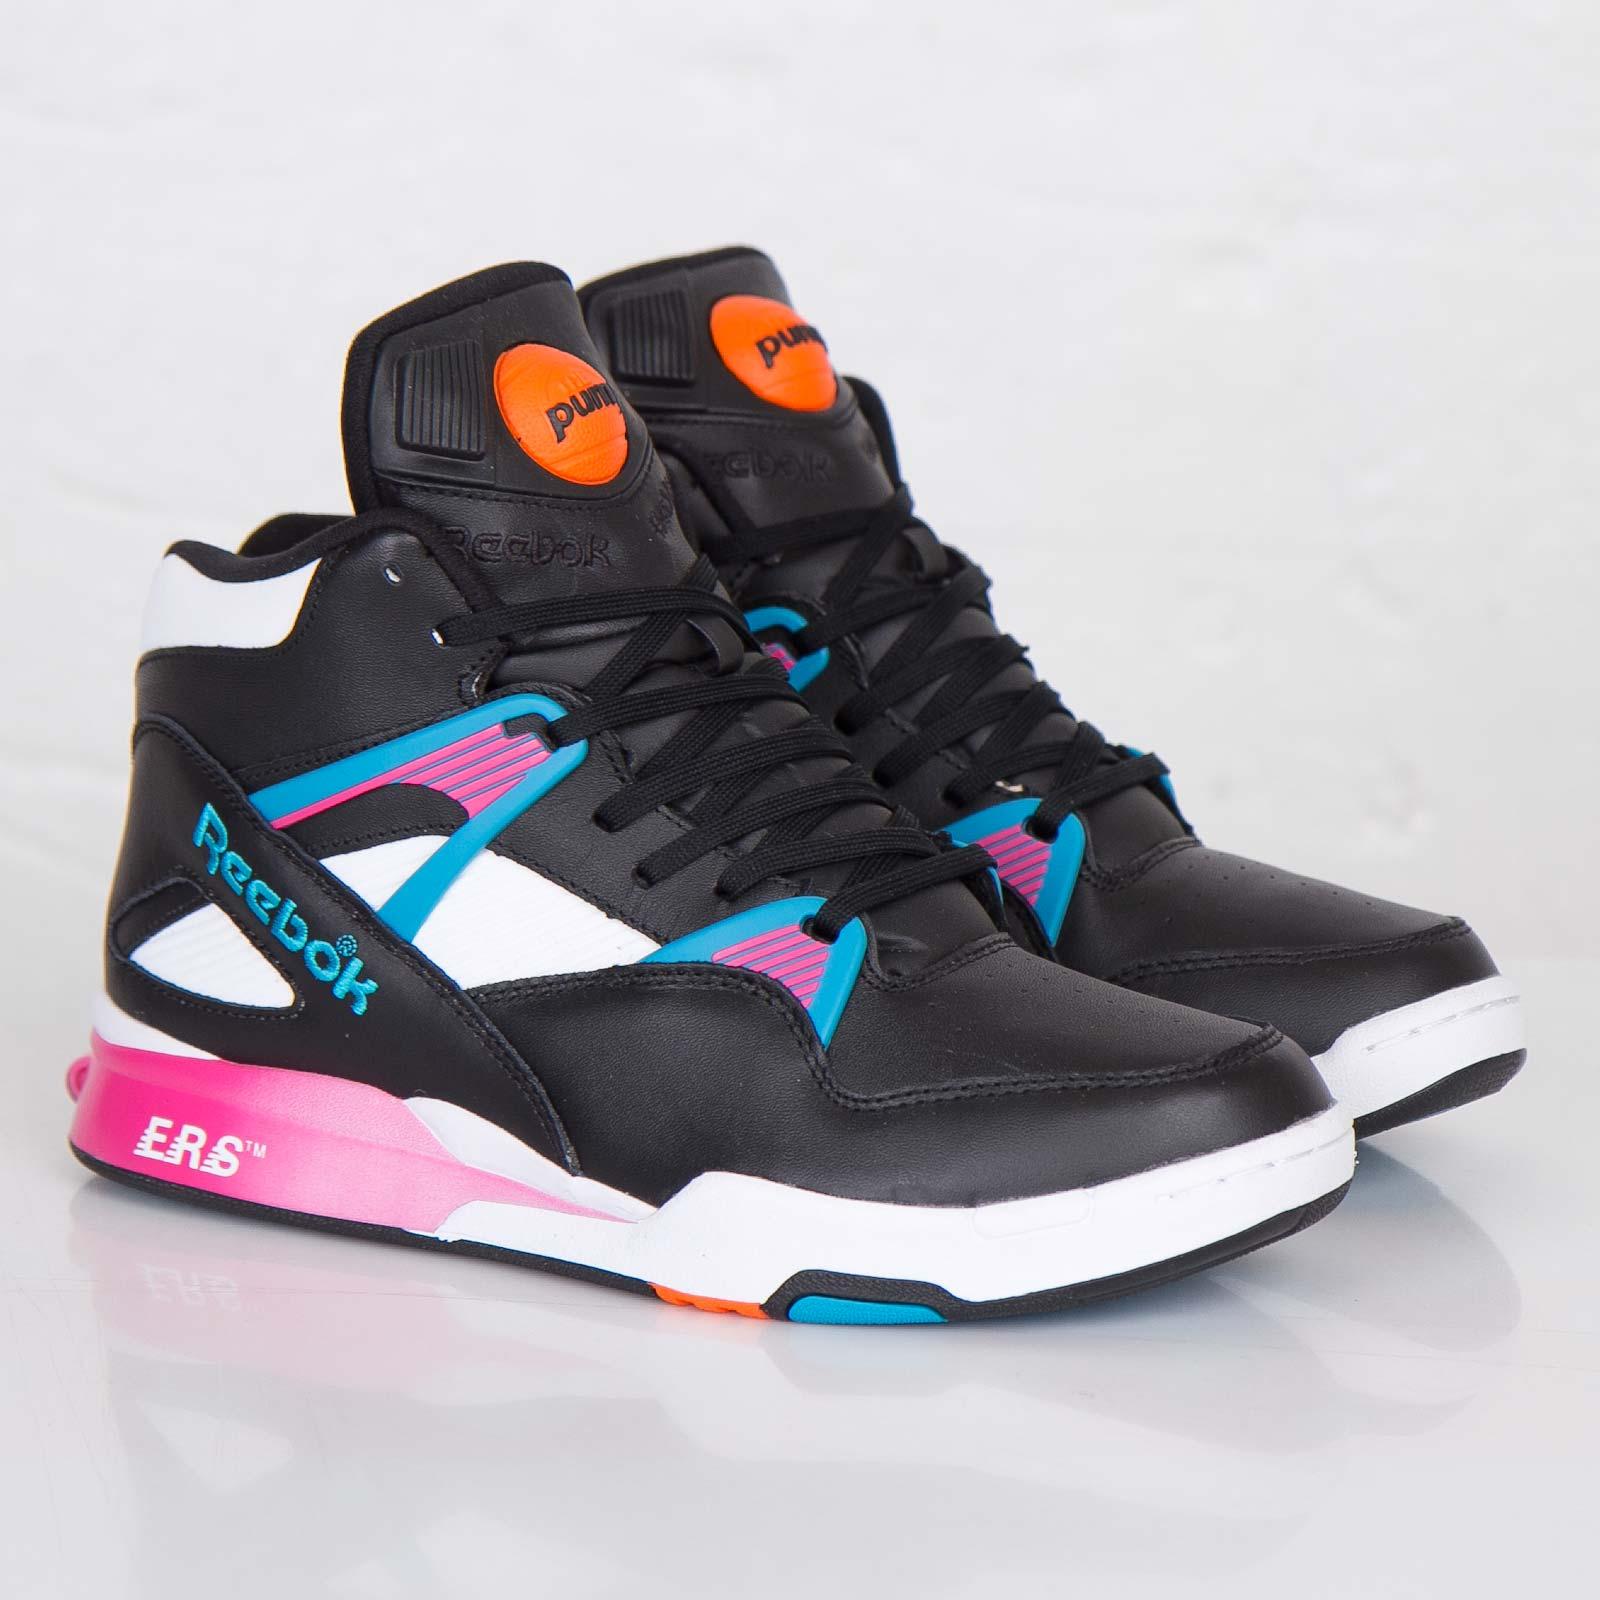 e4a1d04e155c Reebok Pump Omni Zone Retro - V60498 - Sneakersnstuff